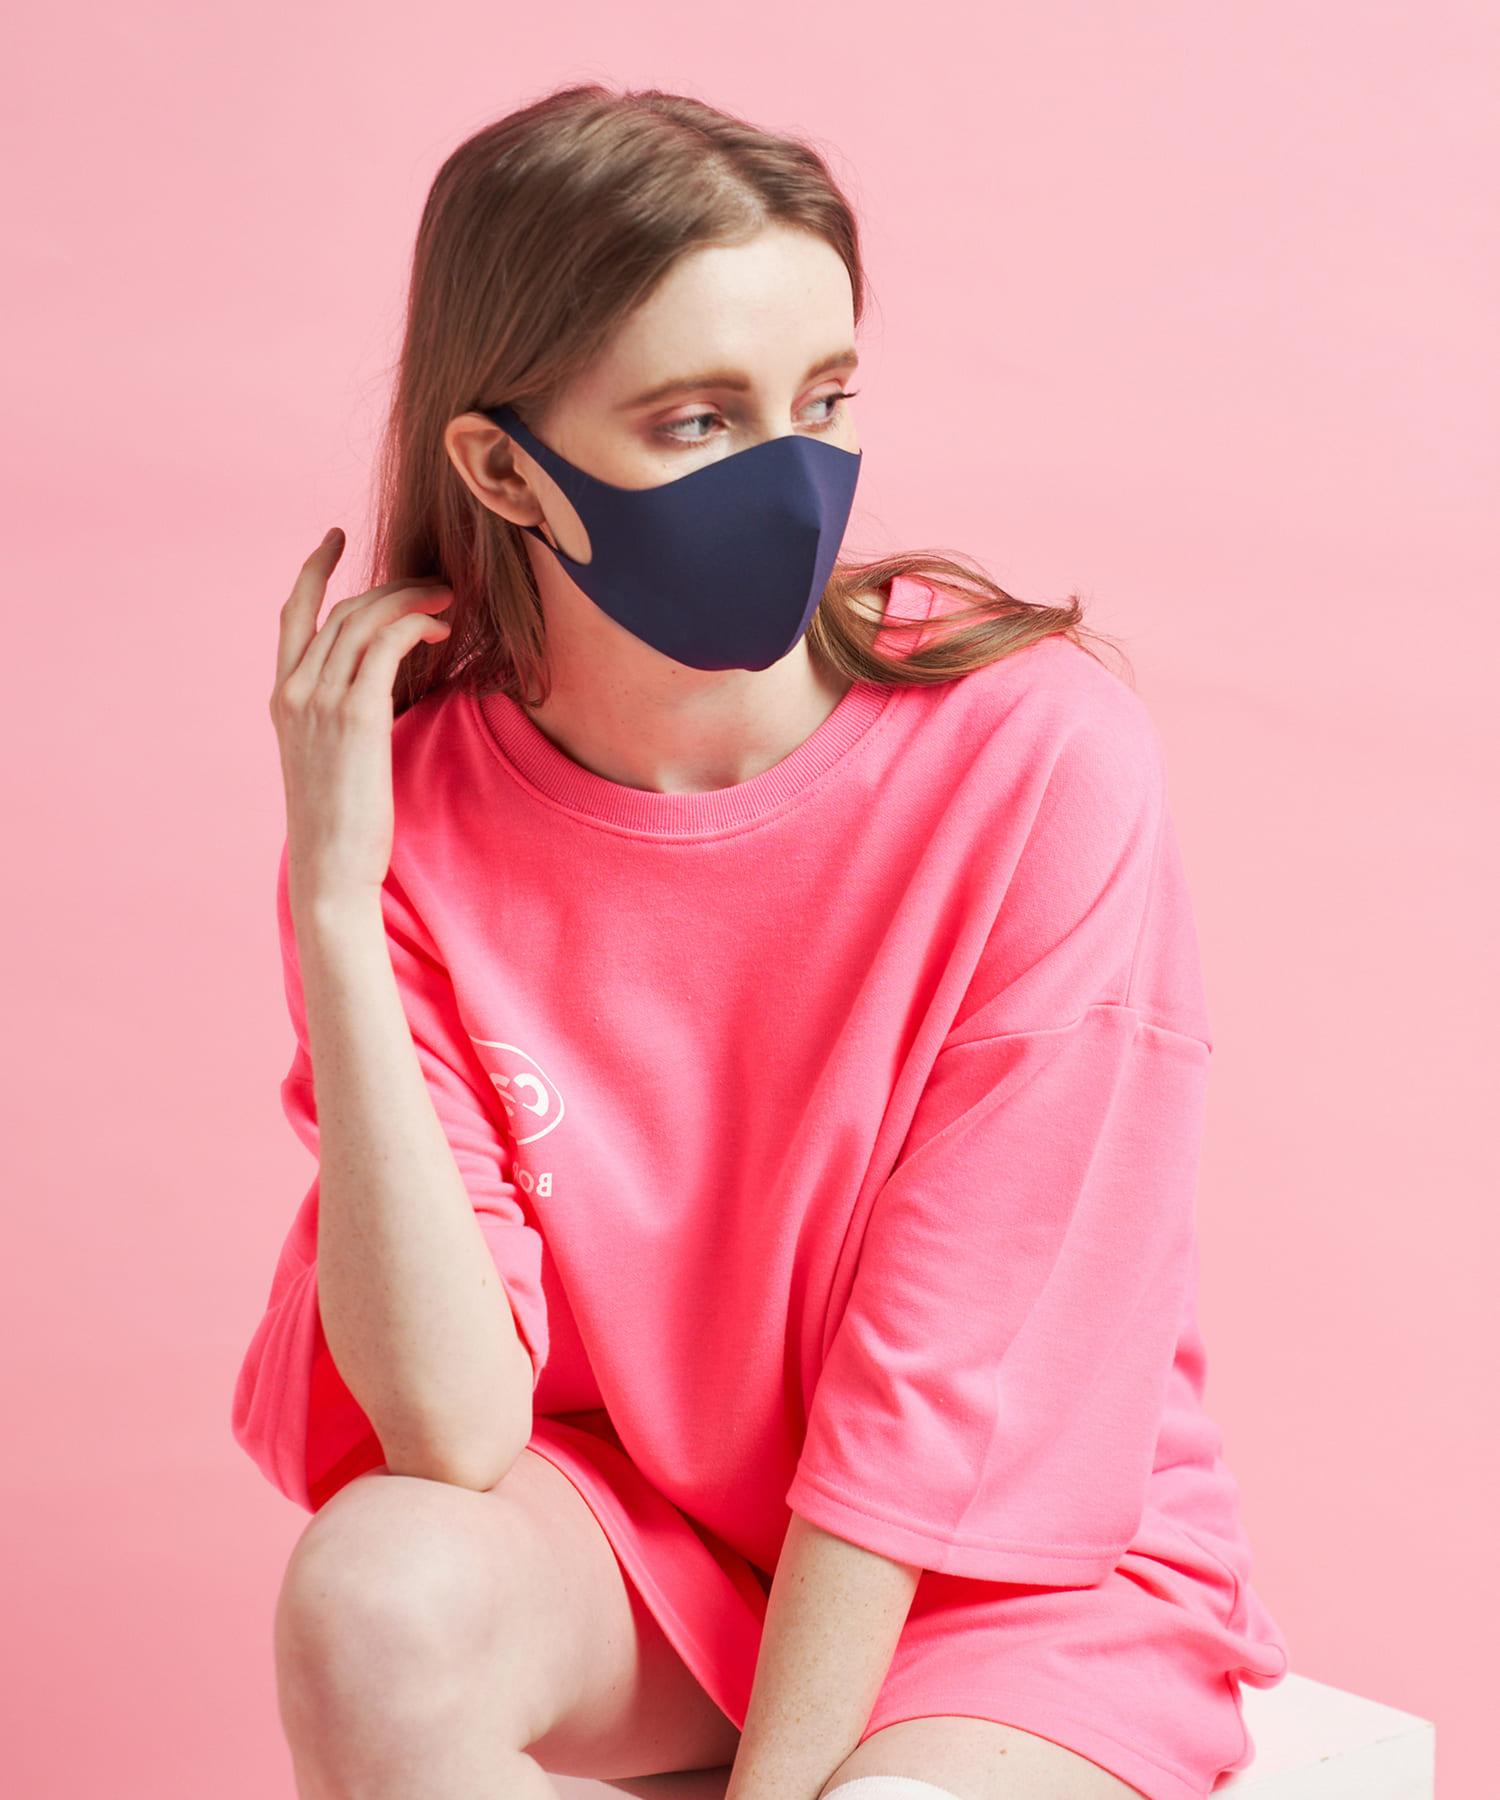 Daily russet(デイリー ラシット) レディース 【抗ウイルス・撥水・消臭・口臭予防】AIR GILLマスク ネイビー